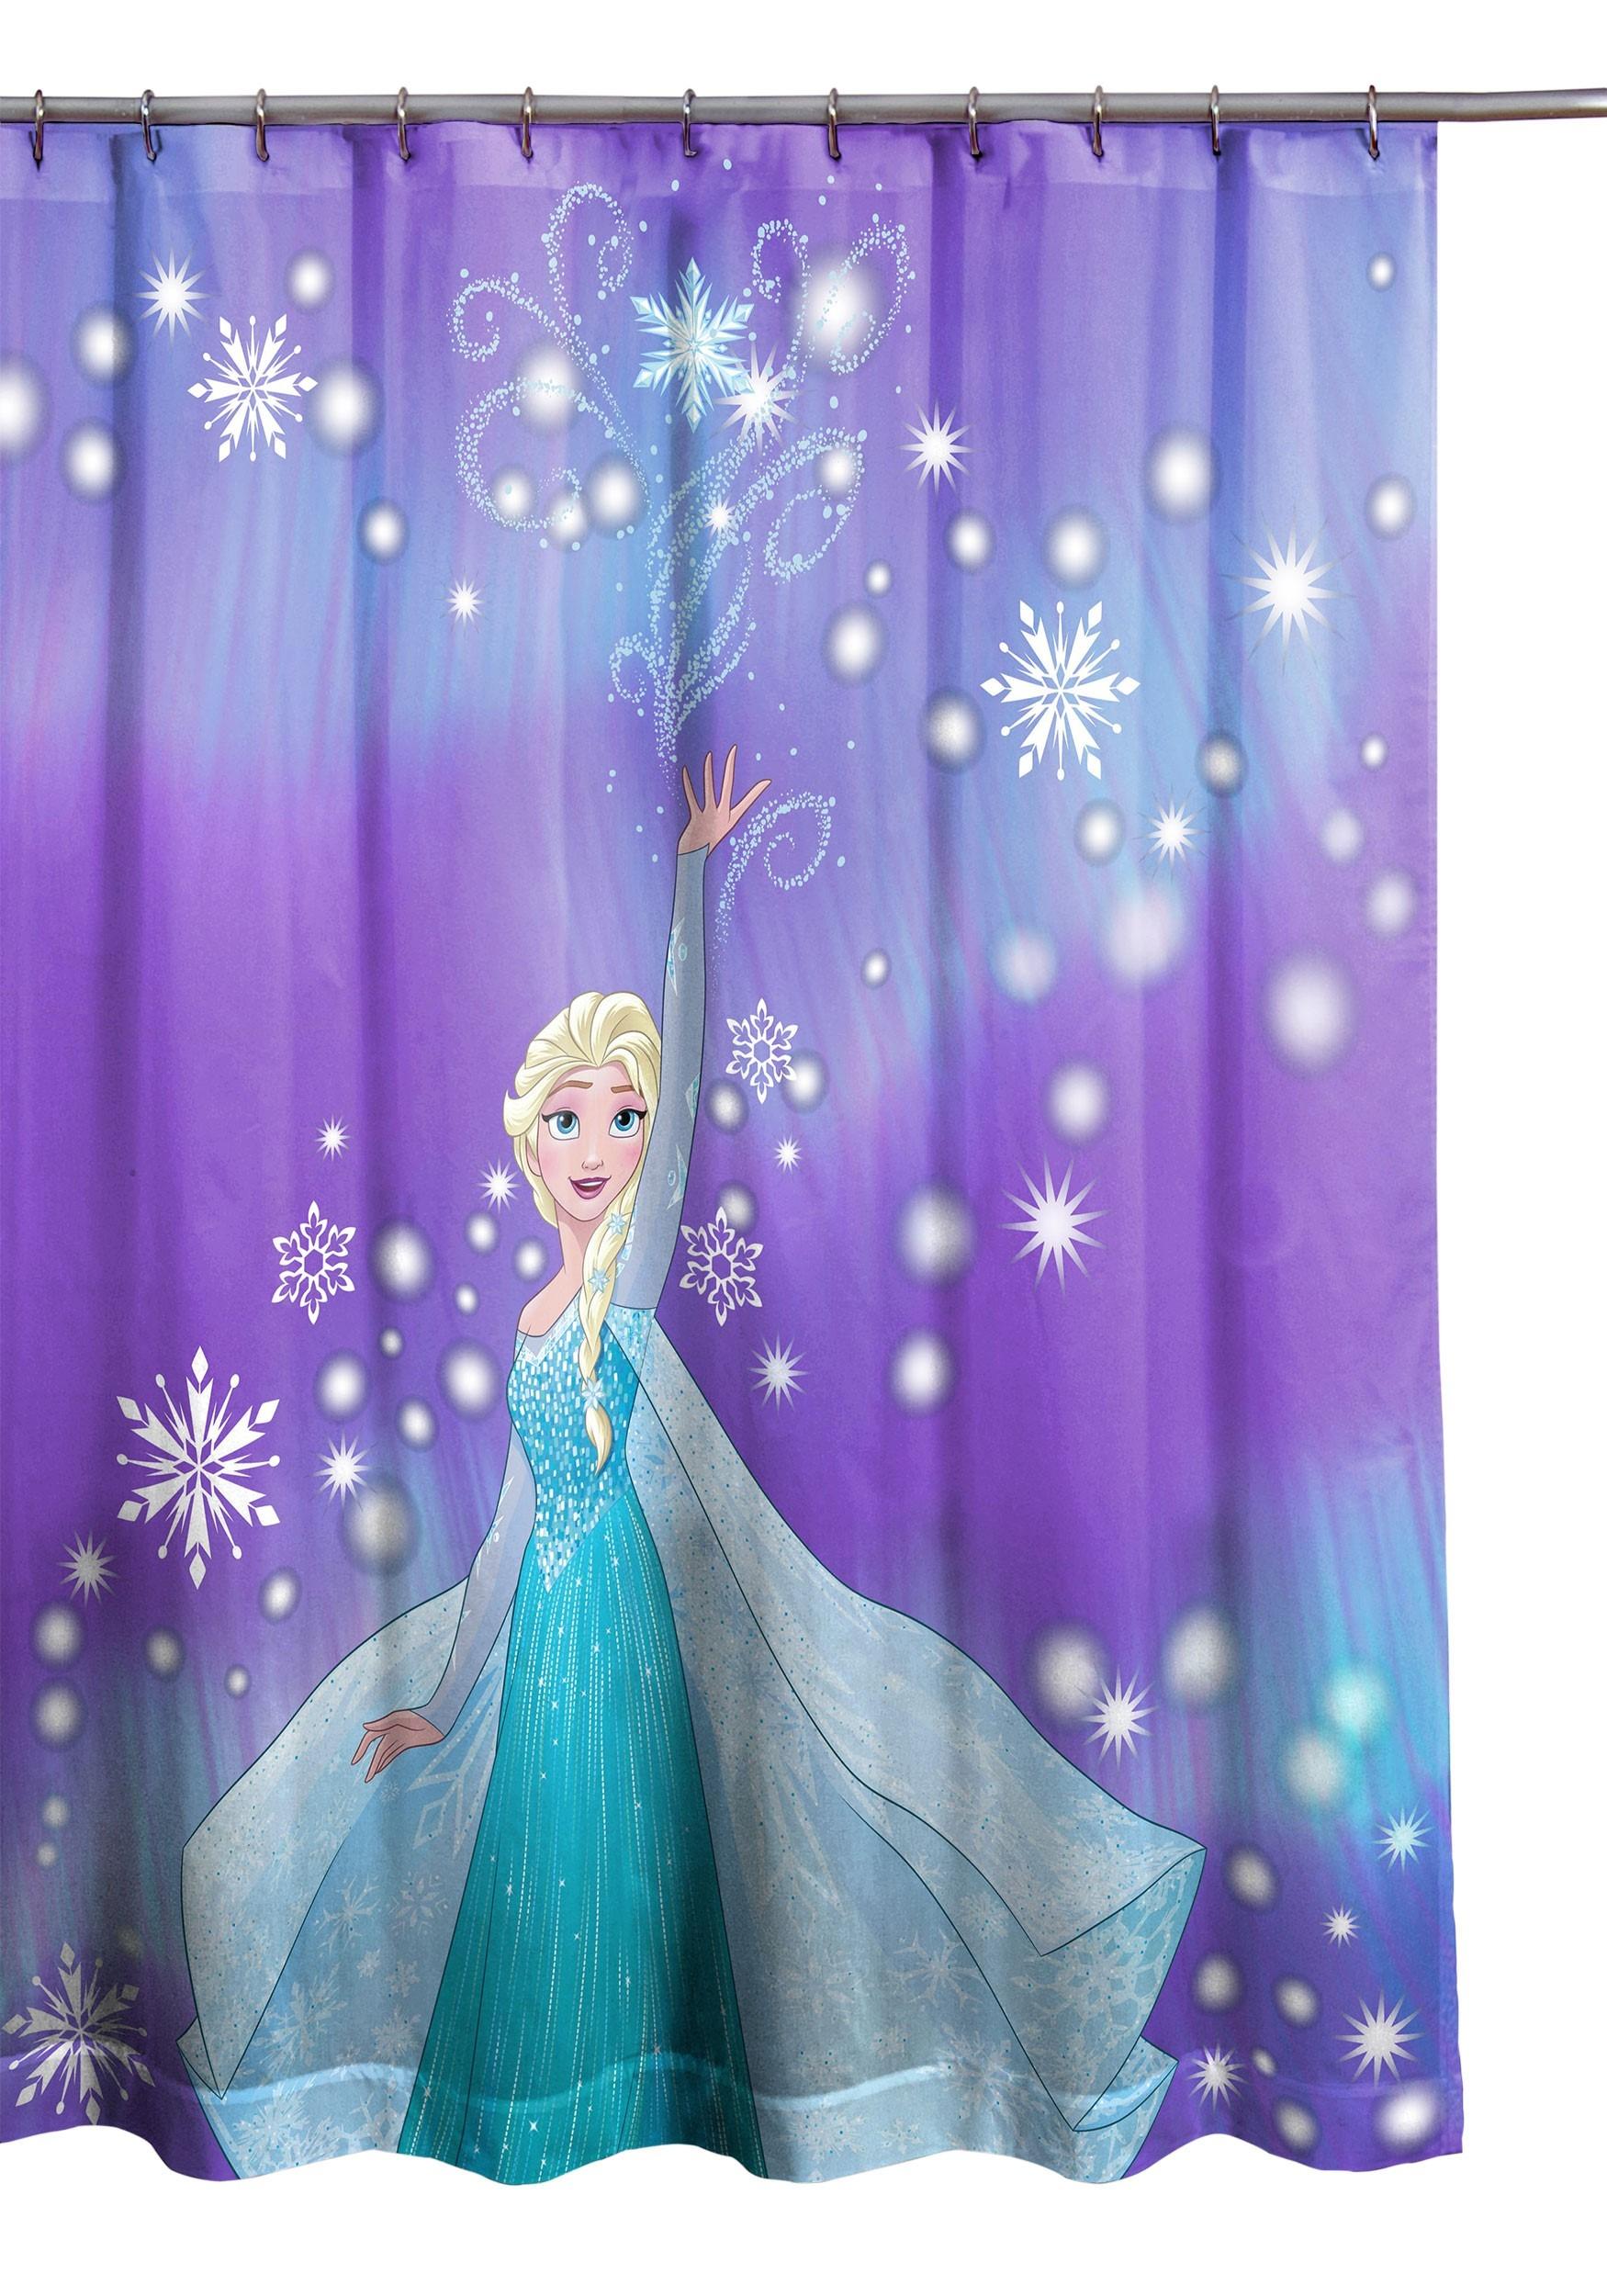 Disney Frozen Snowflake Shower Curtain